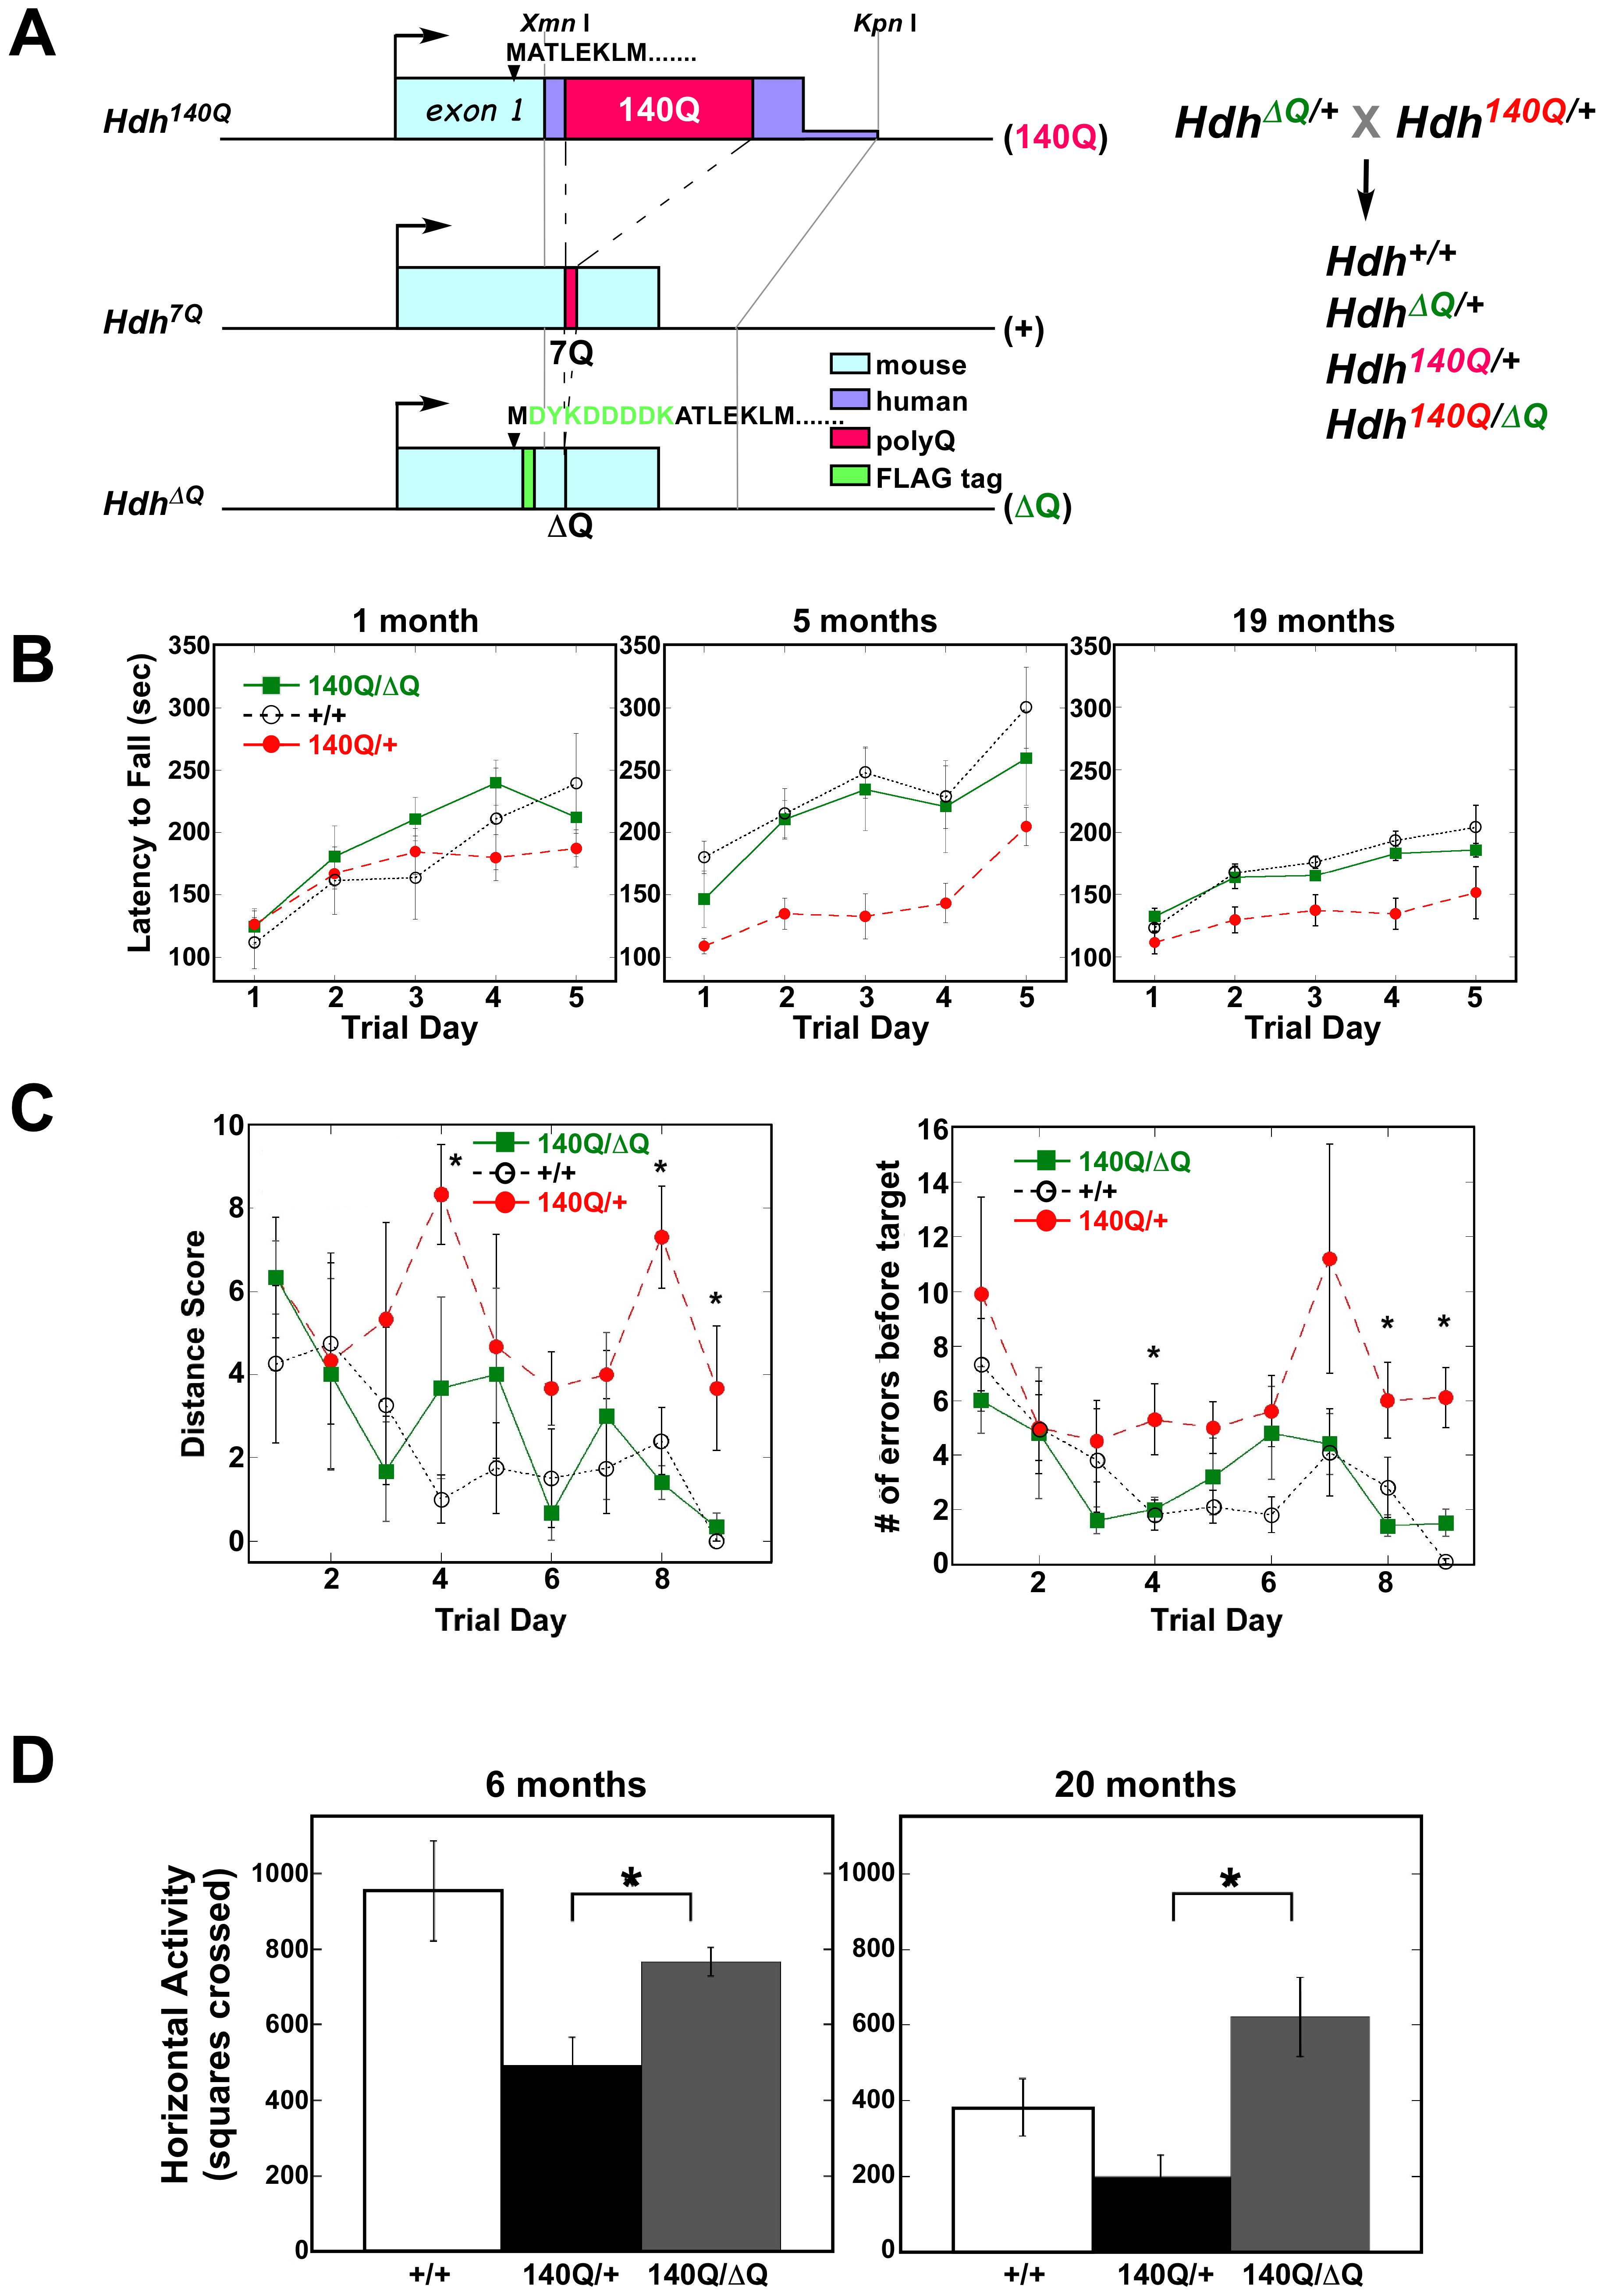 ΔQ-htt expression ameliorates motor and behavioral deficits in <i>Hdh<sup>140Q/ΔQ</sup></i> mice.